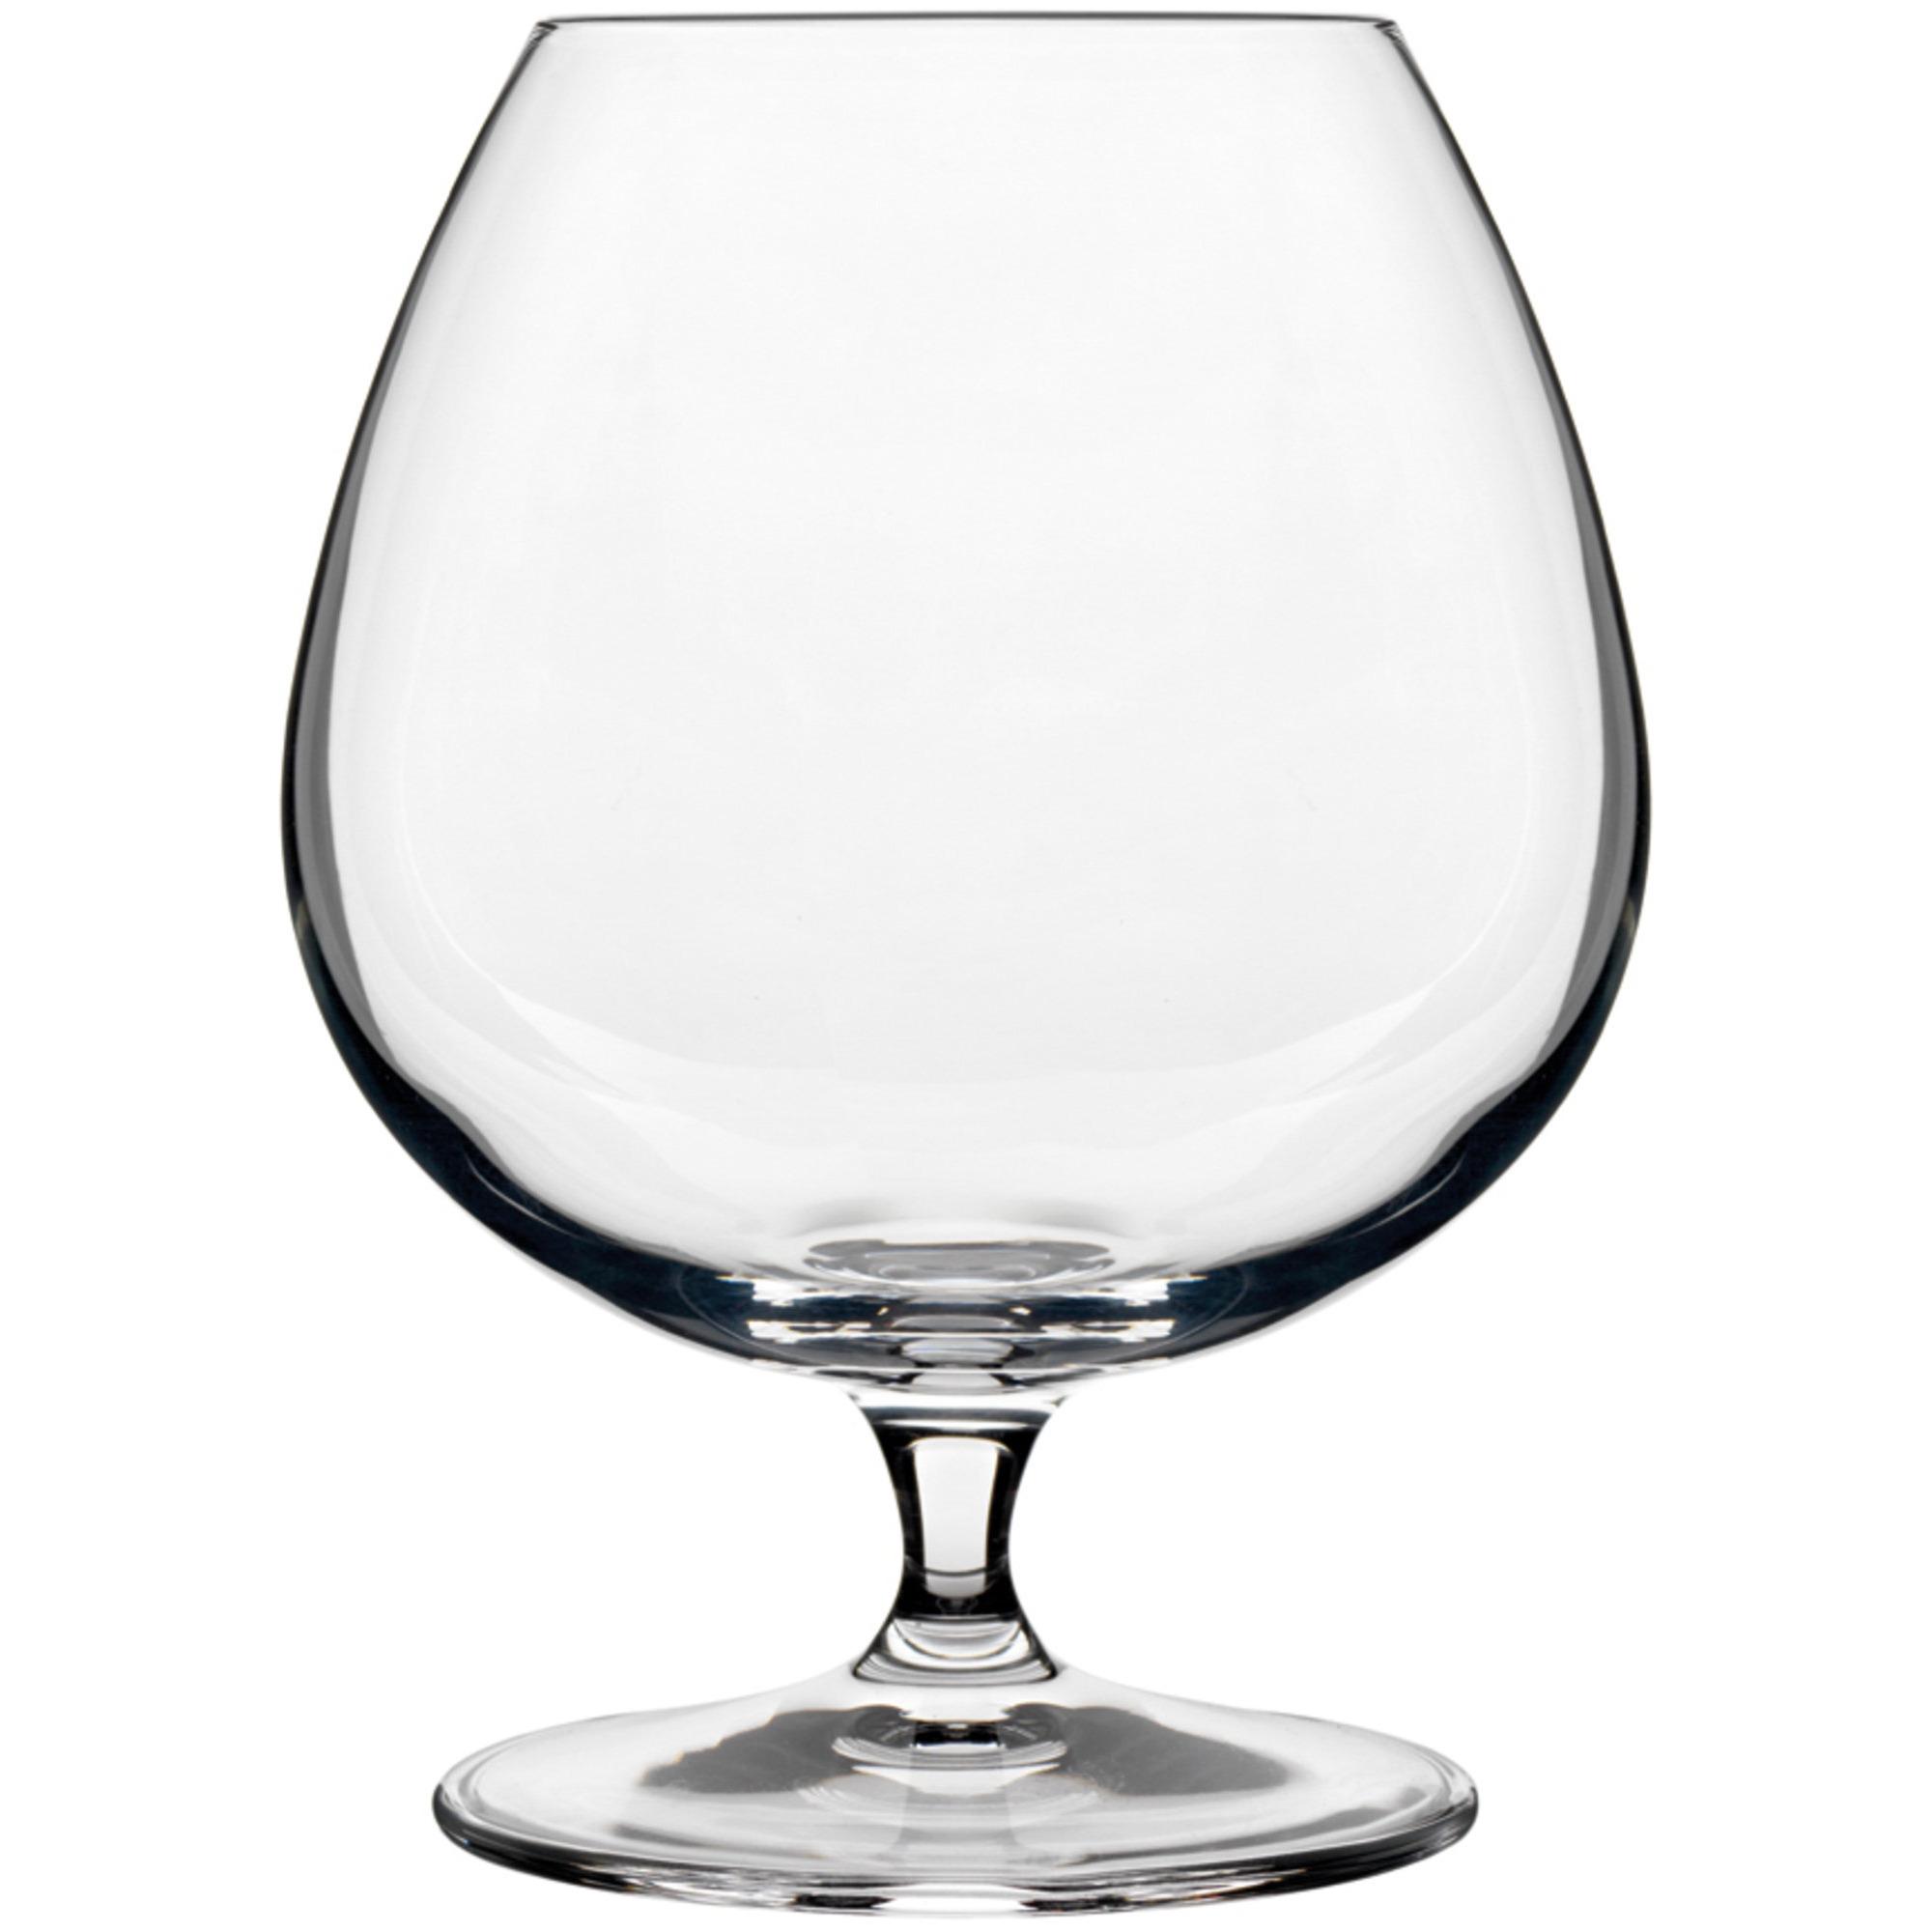 Luigi Bormioli Vinoteque cognacglas